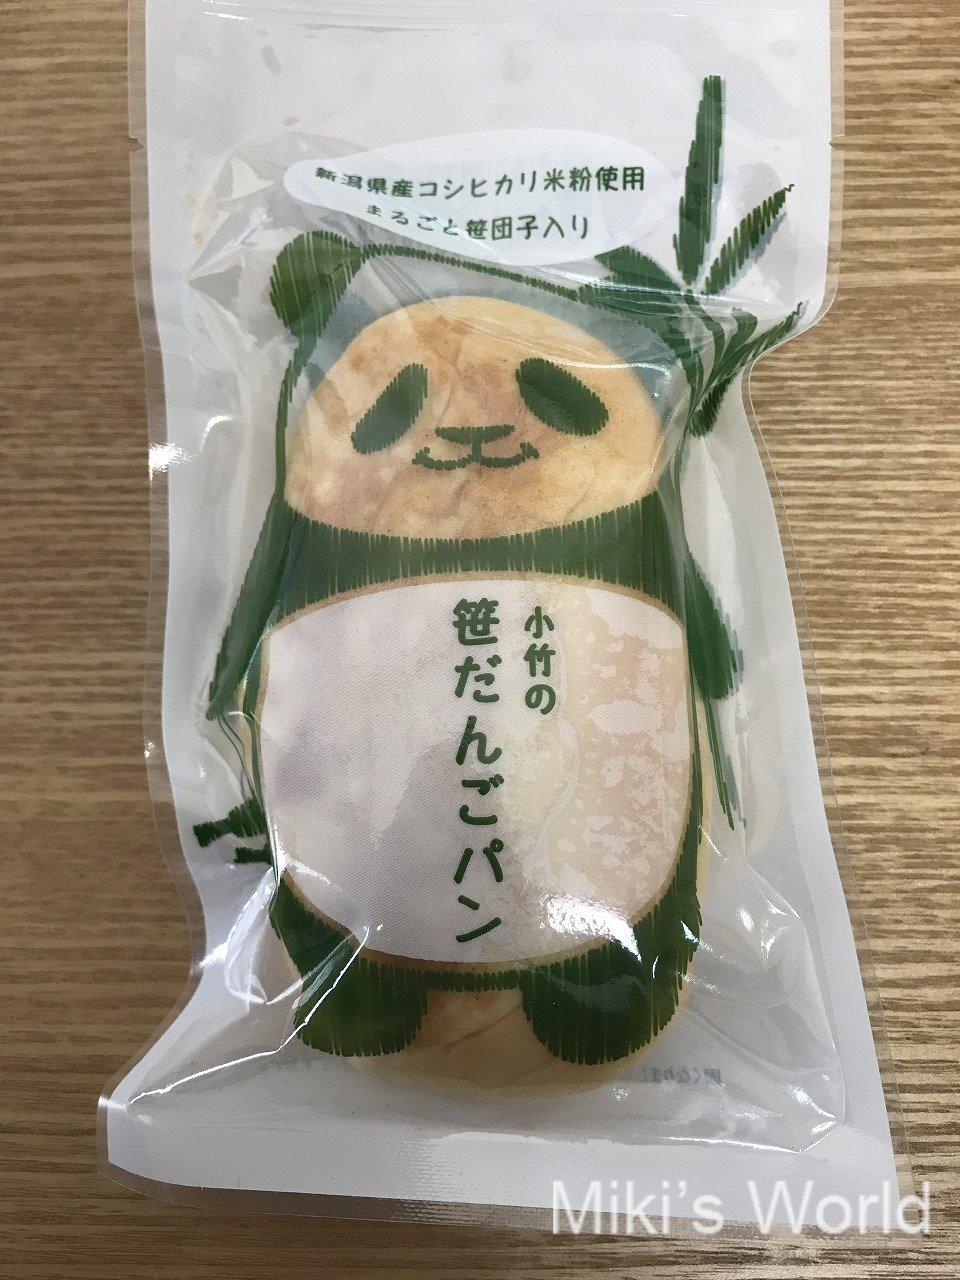 のもの秋葉原店でみつけた 小竹の笹だんごパン